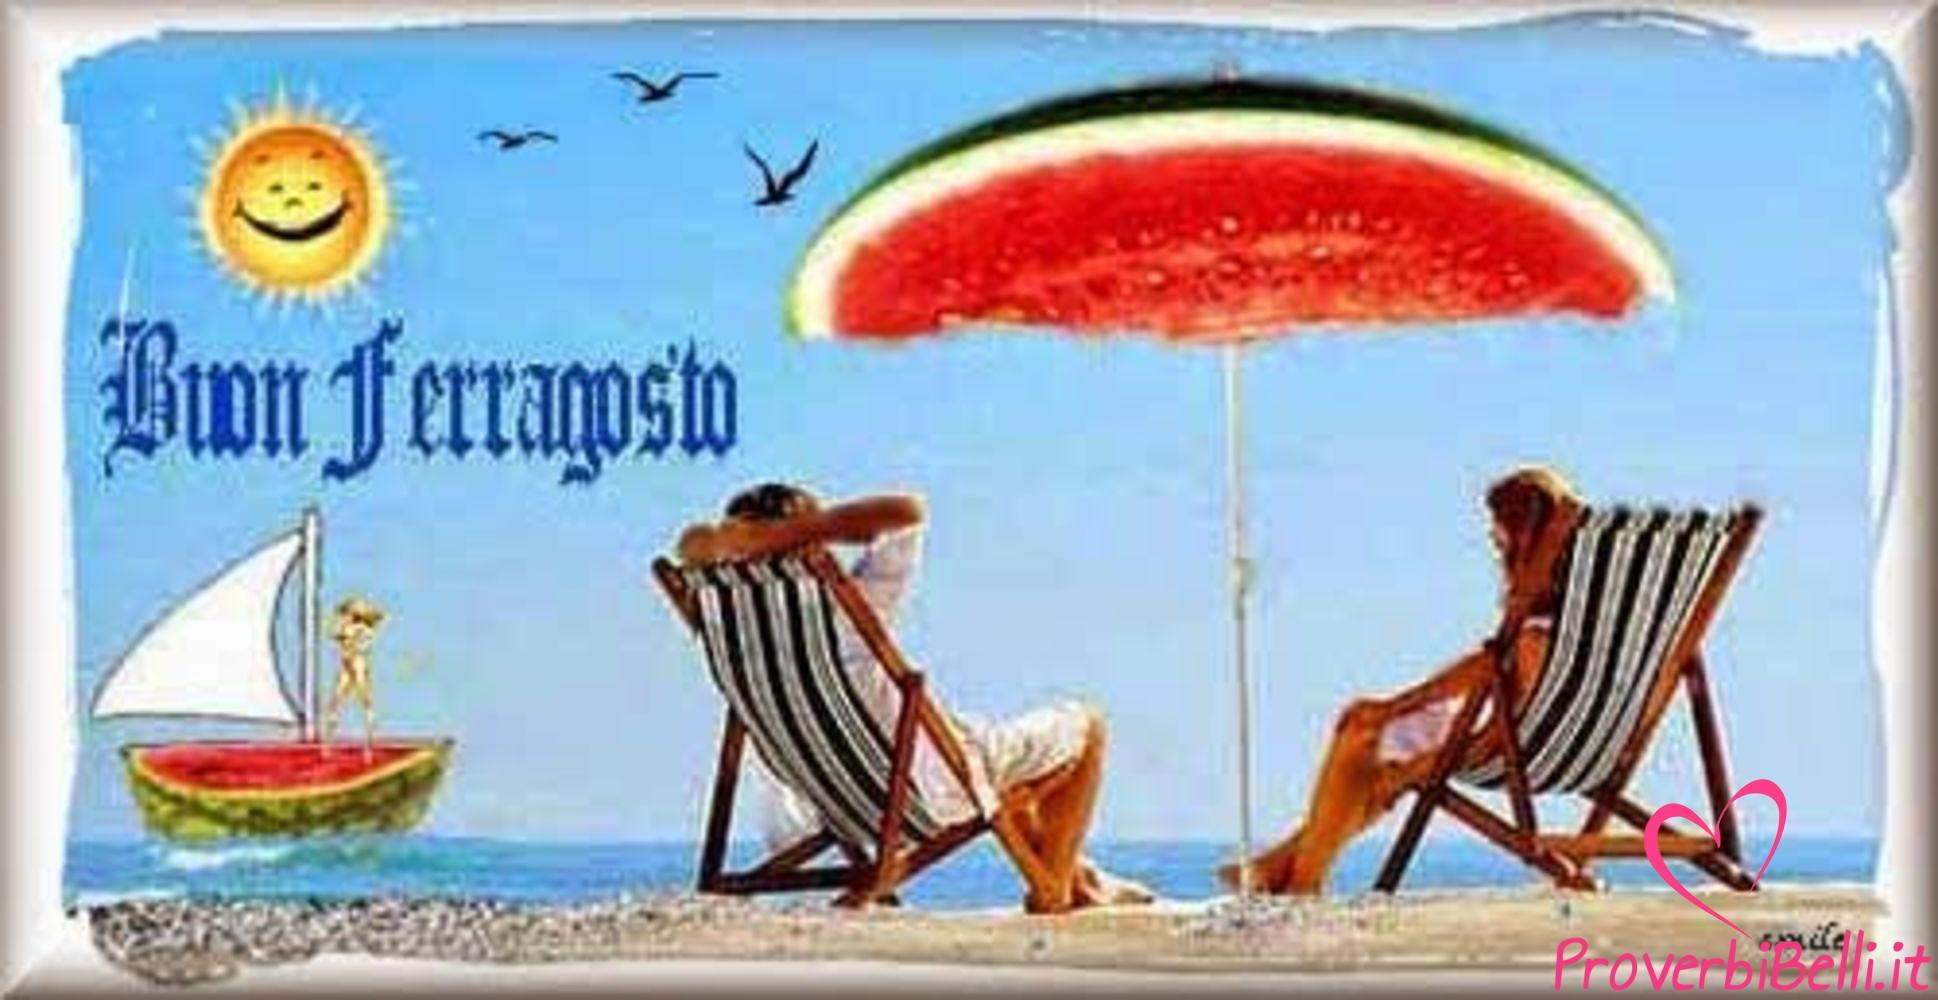 Ferragosto-Immagini-Whatsapp-Belle-56